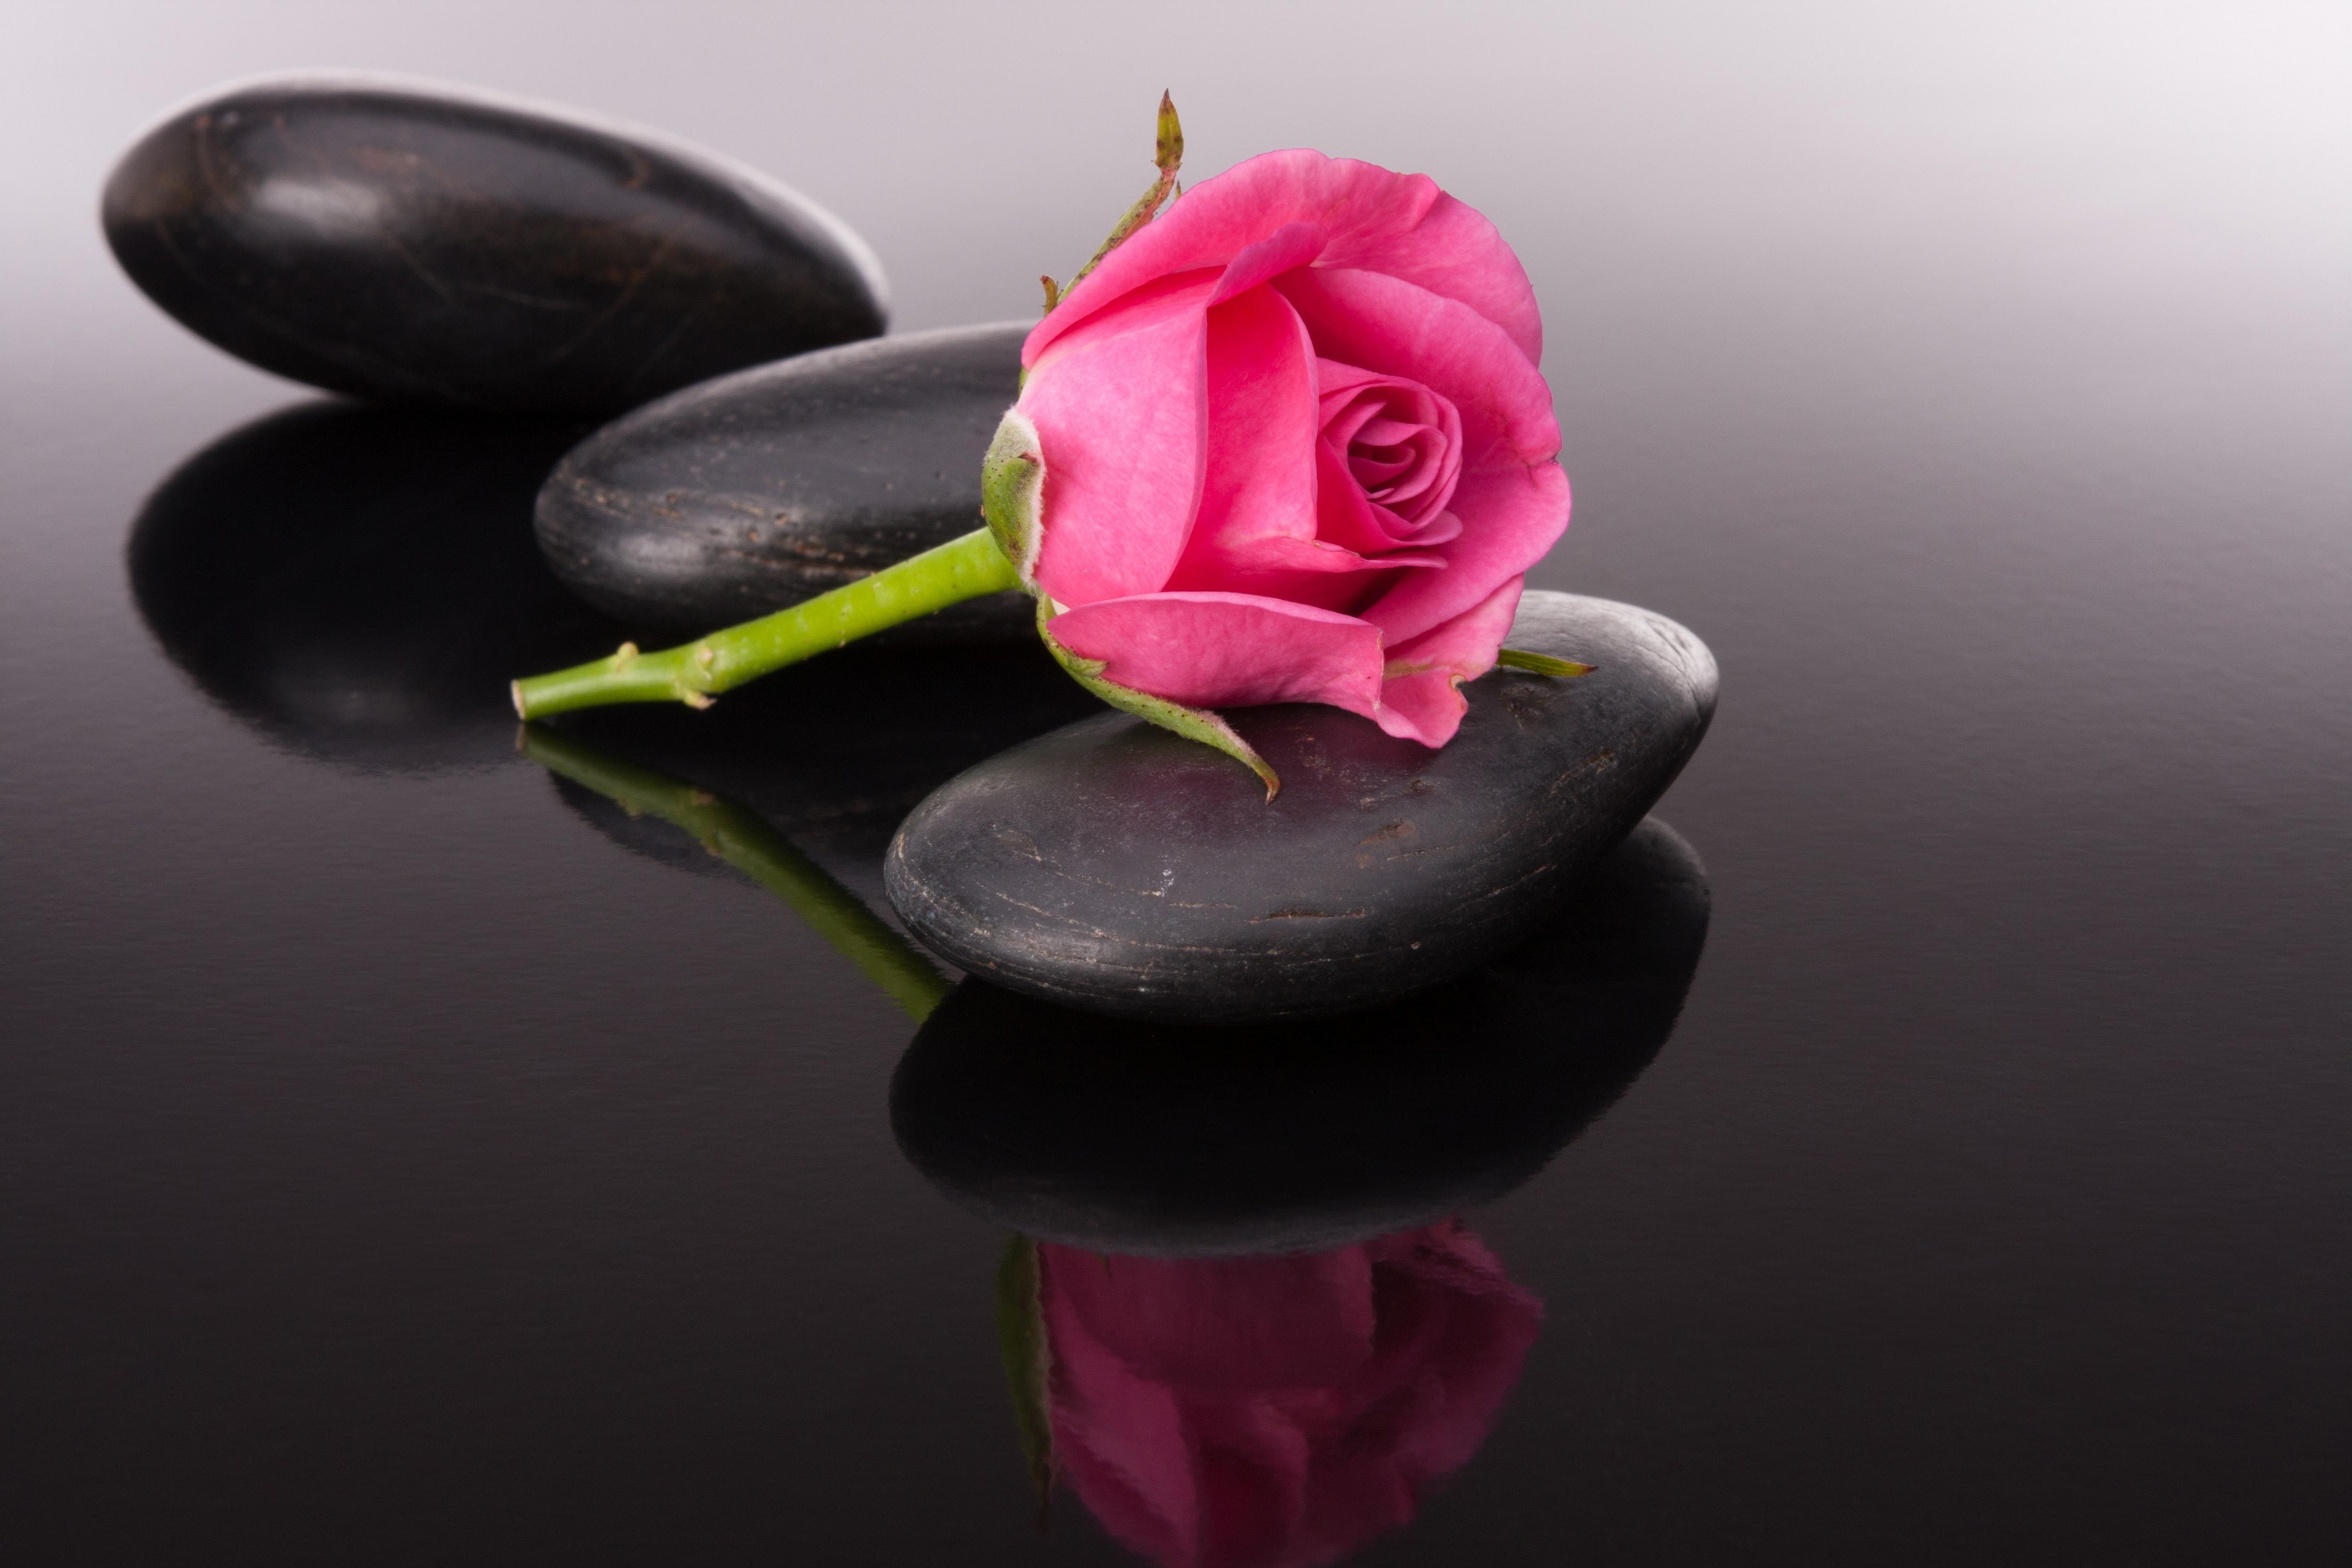 красивые картинки на черном фоне высокого качества процесс приводит тому